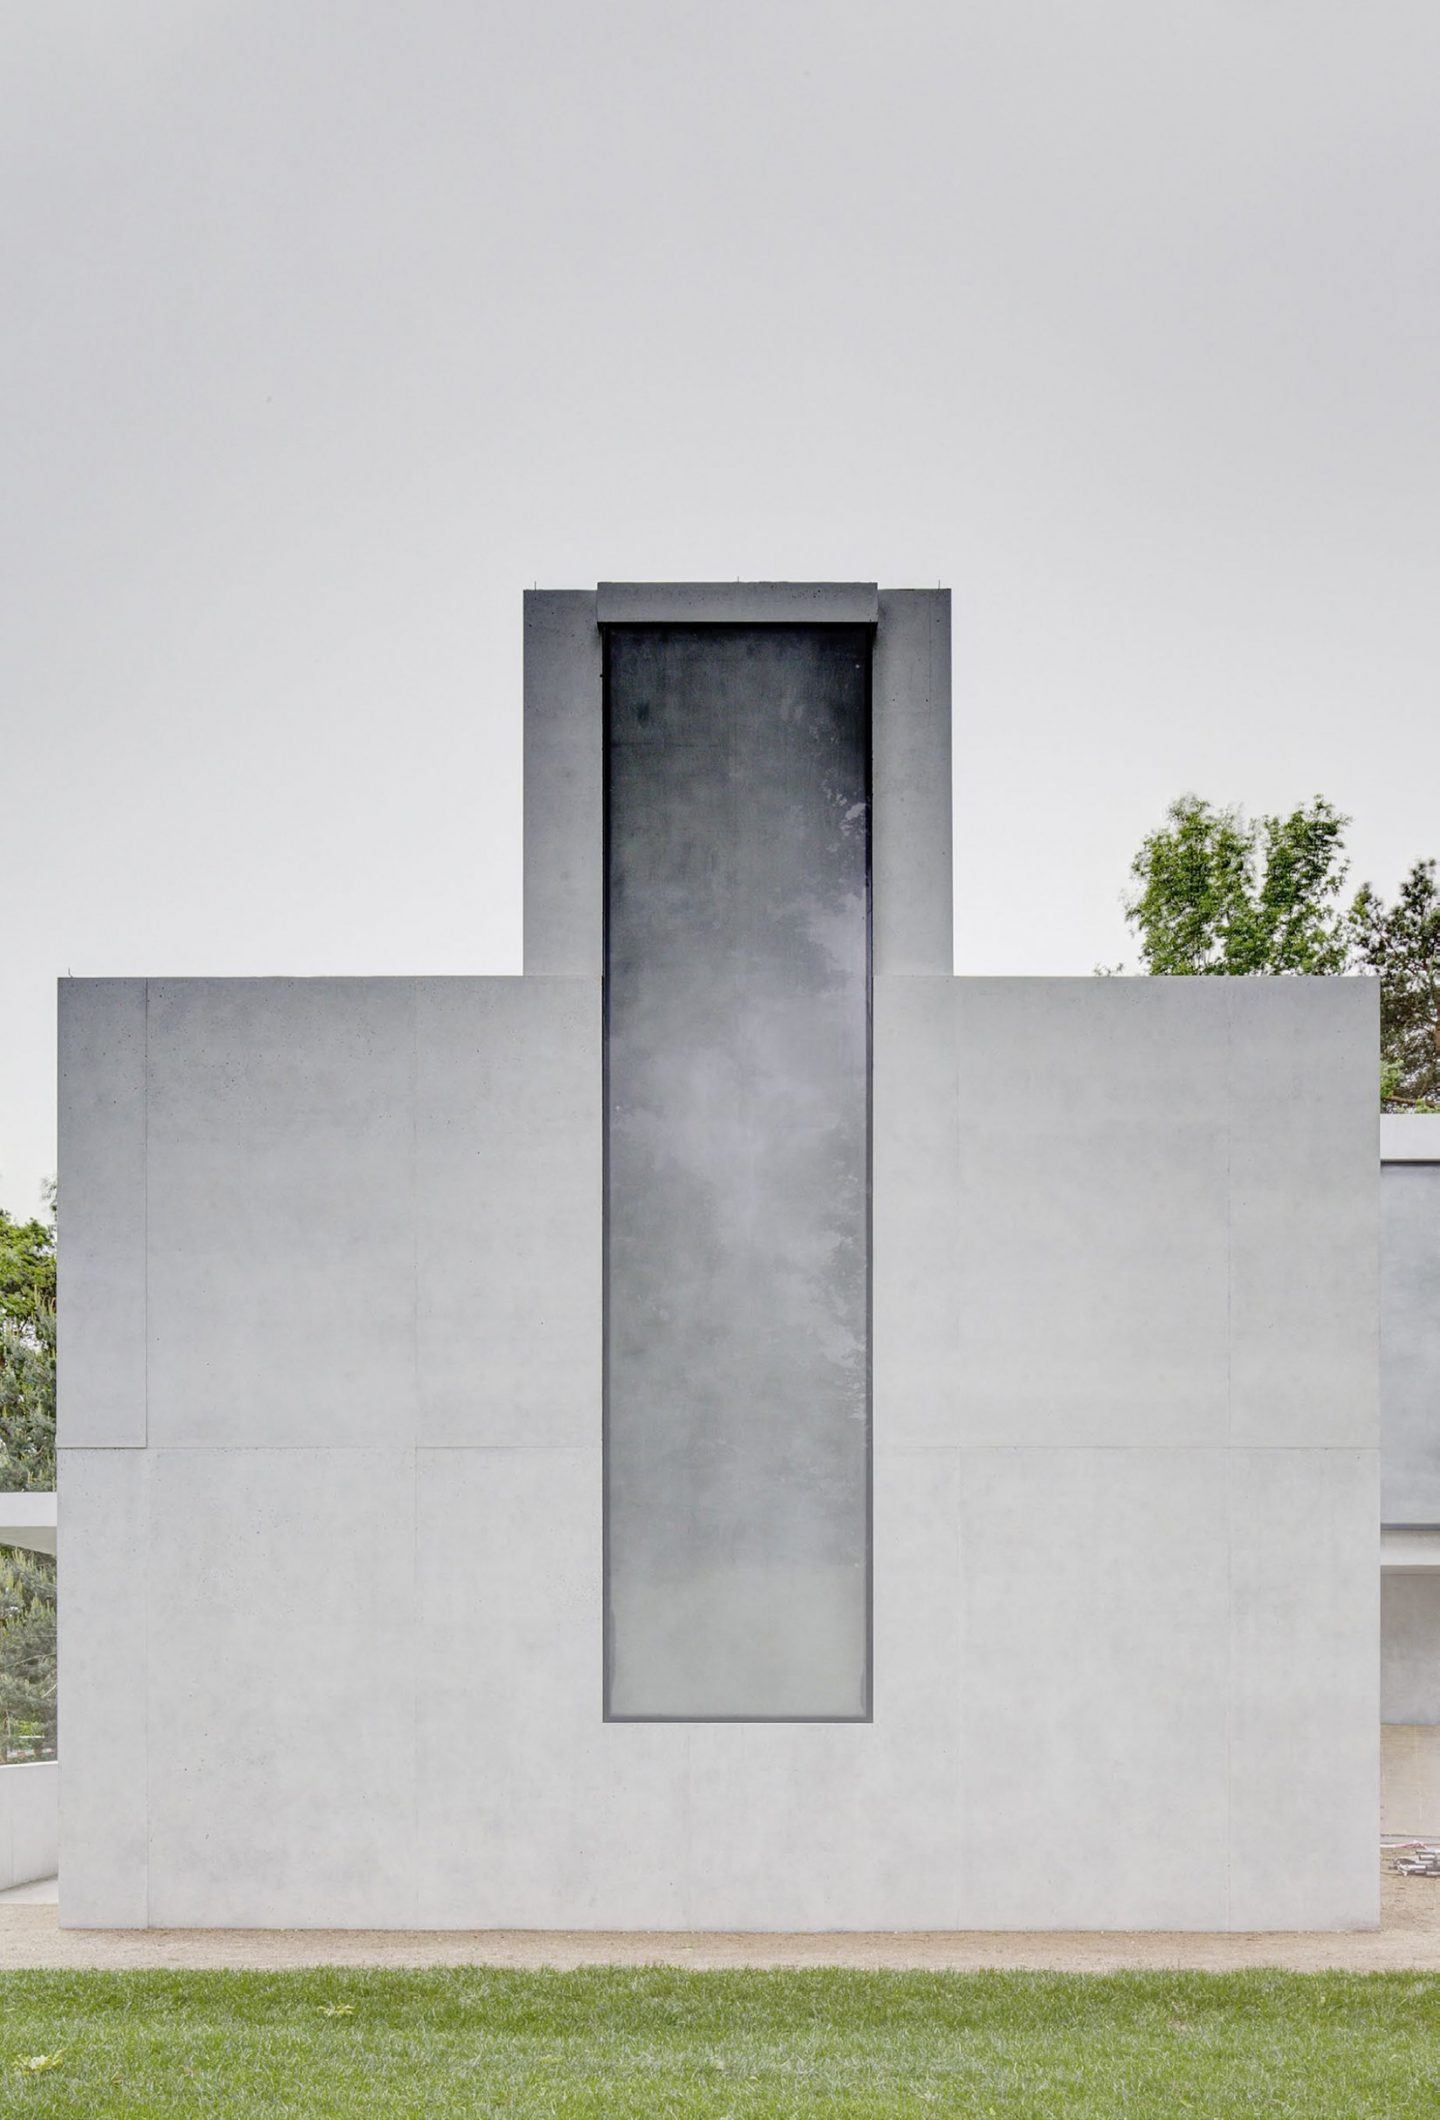 IGNANT-Architecture-Bruno-Fioretti-Marquez-Bauhaus-Meisterhauser-6